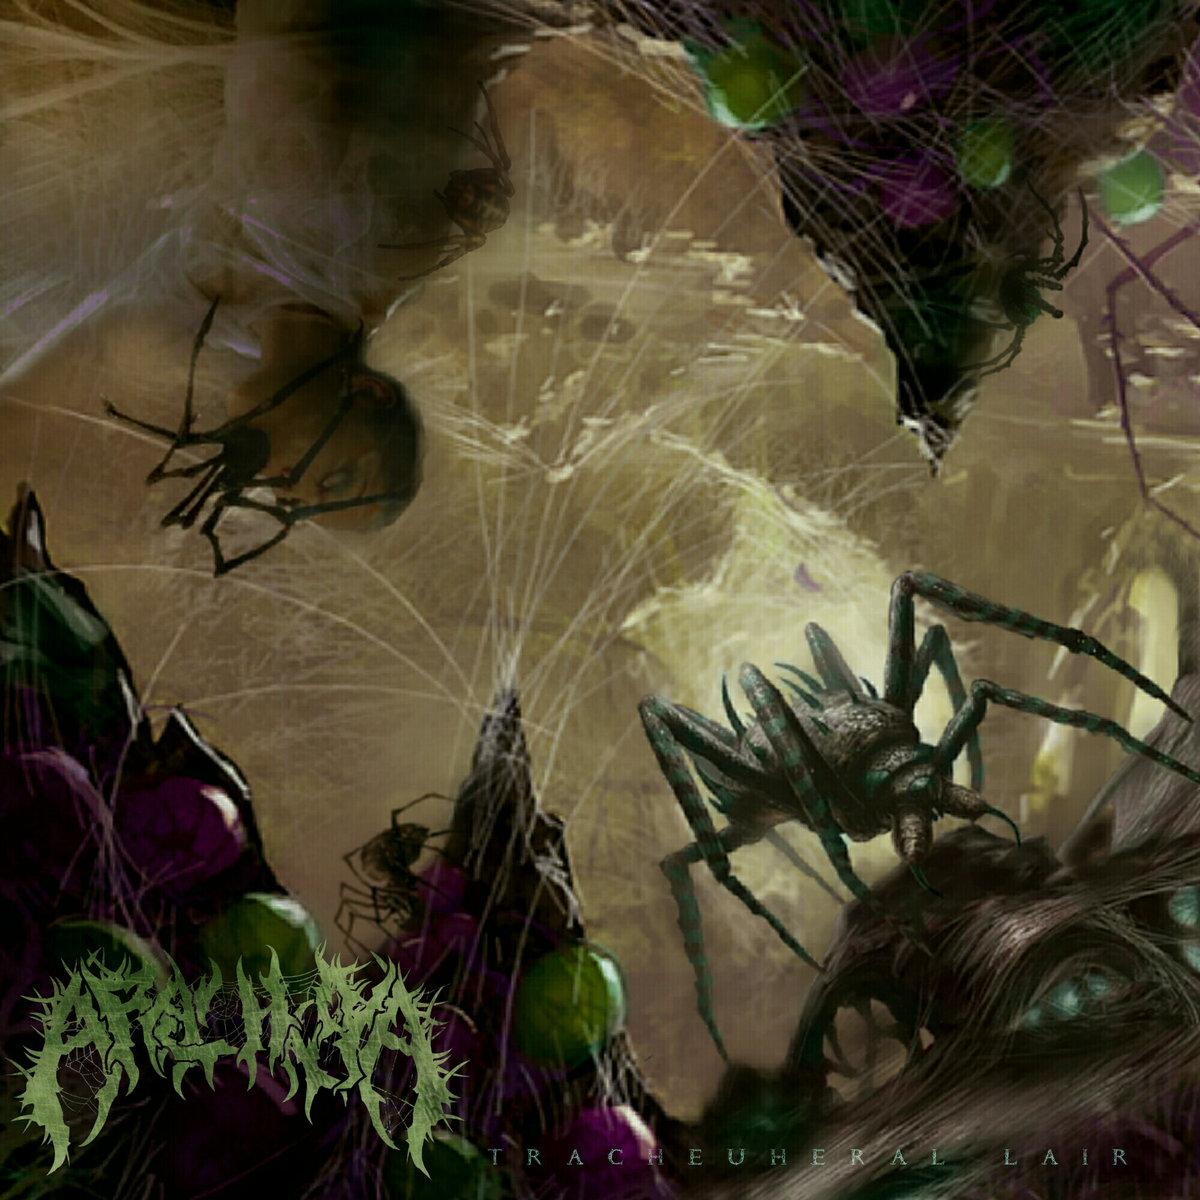 Arachnoia – Tracheuheral Lair [EP] (2019)